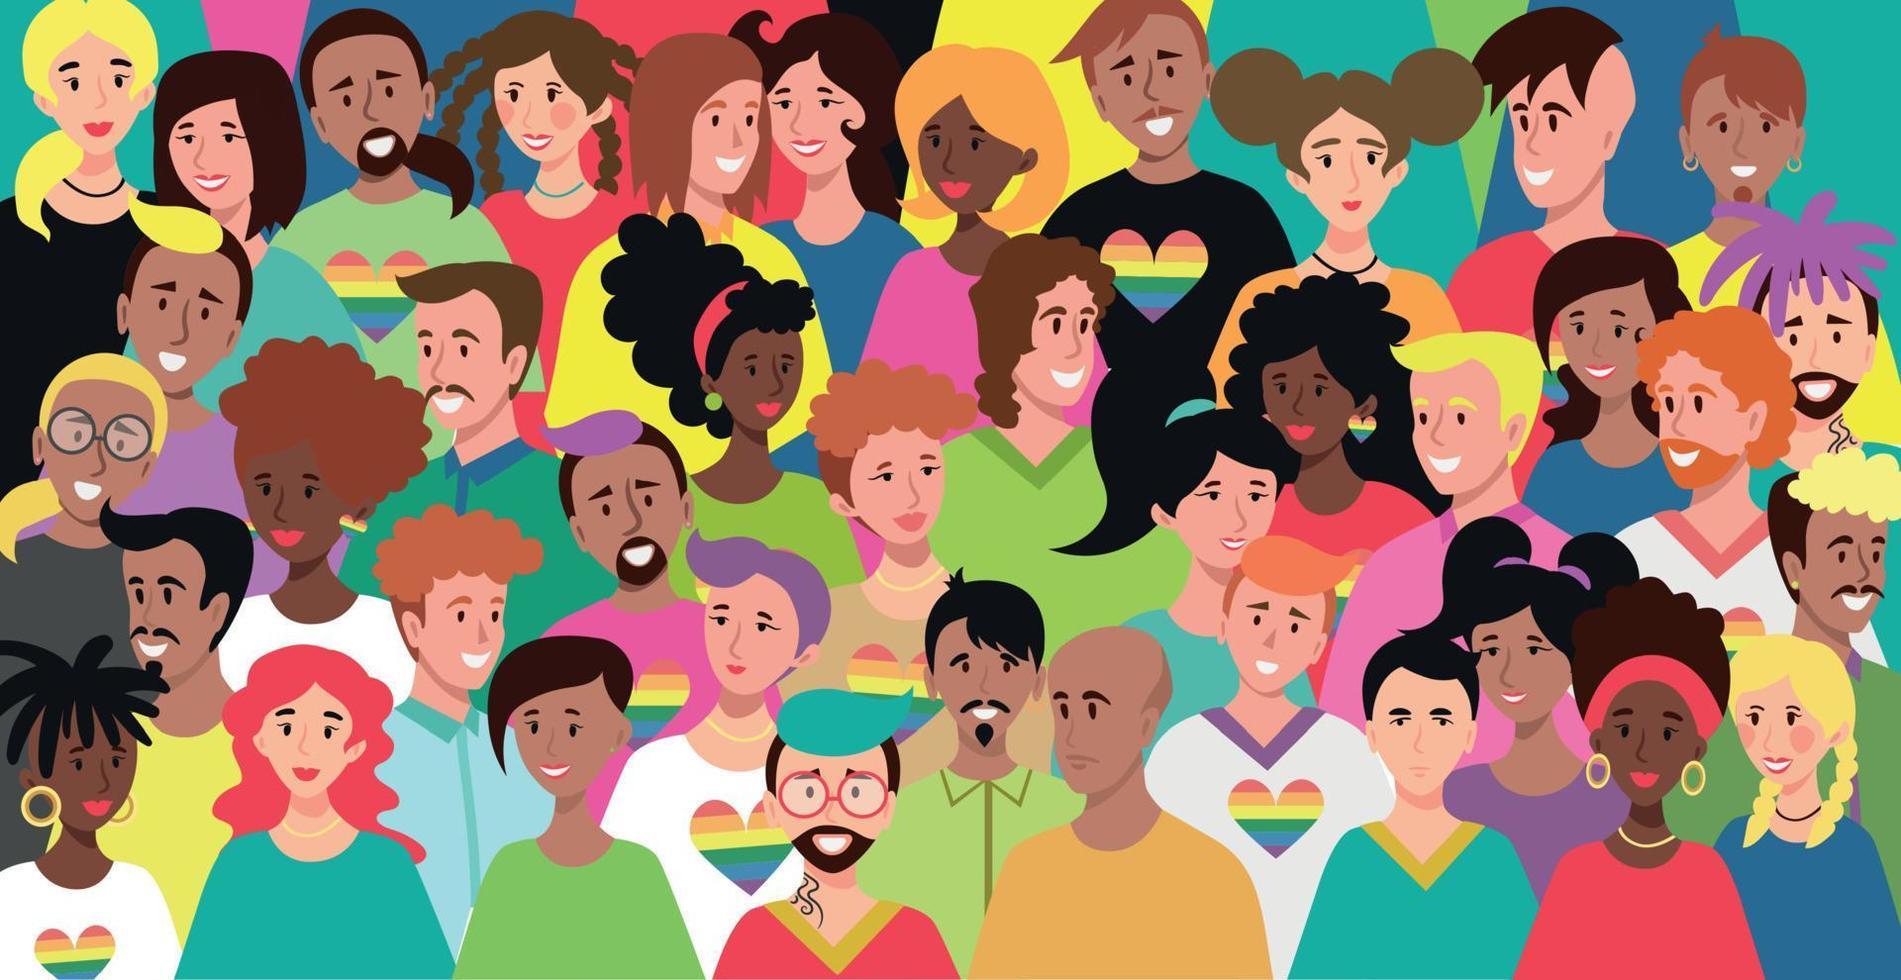 homens e mulheres jovens com cores de pele diferentes - vetor